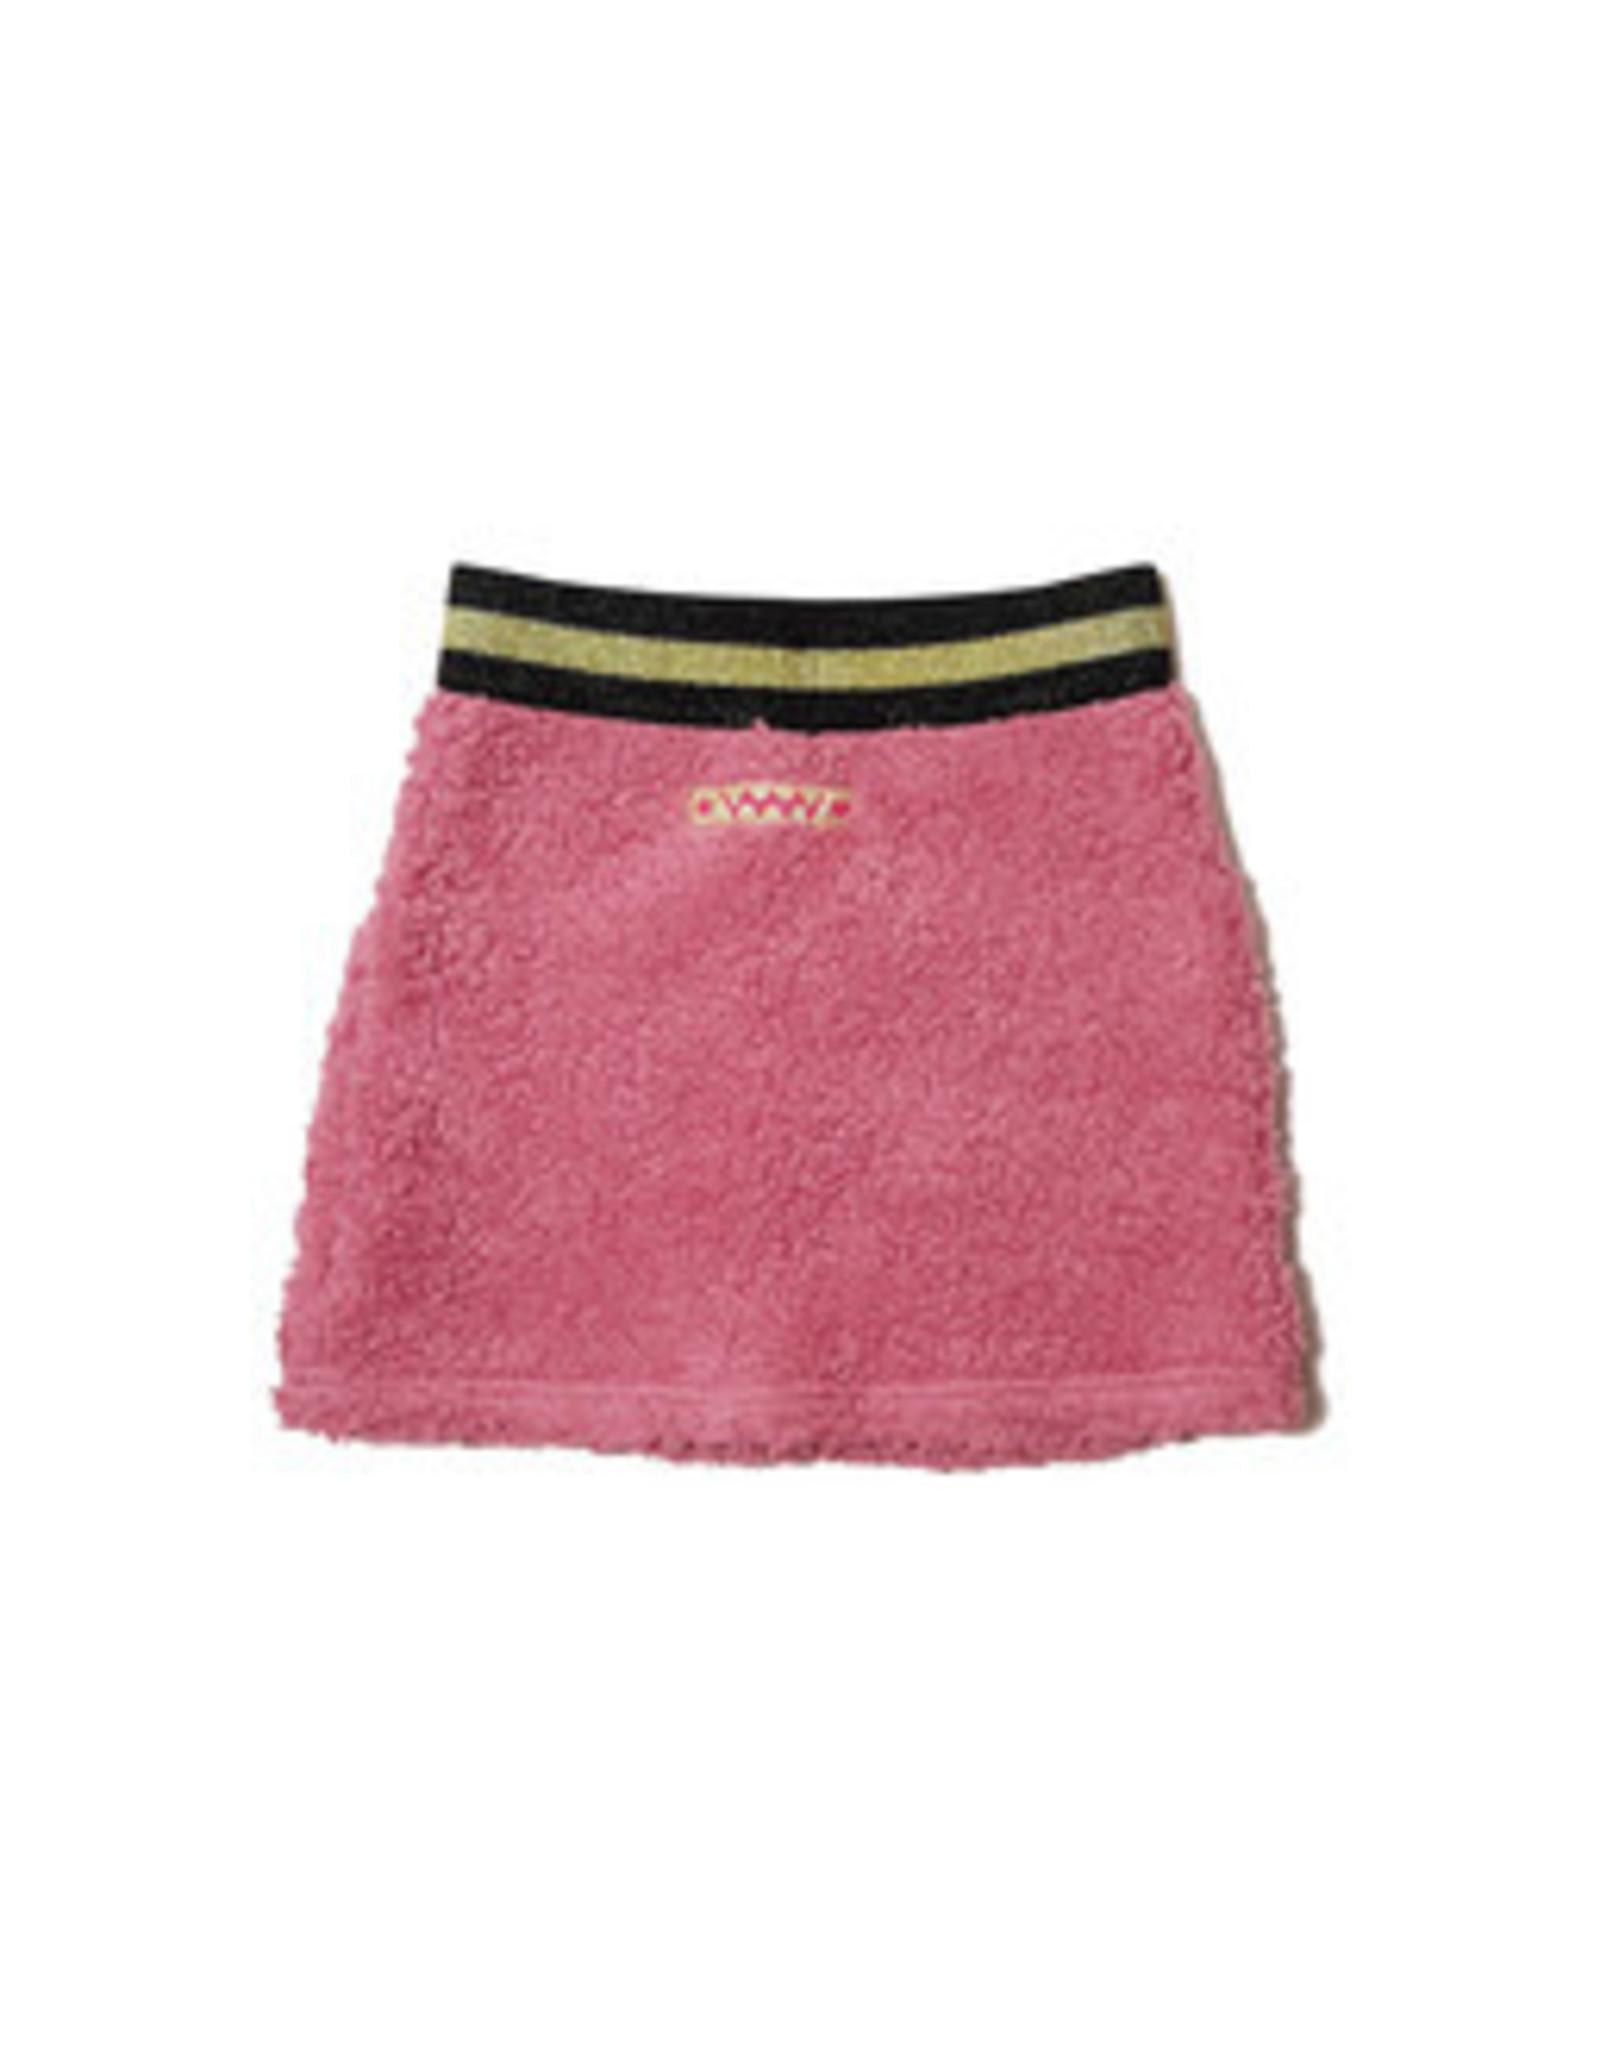 Waaaw Skirt Teddy old pink maat 134/140